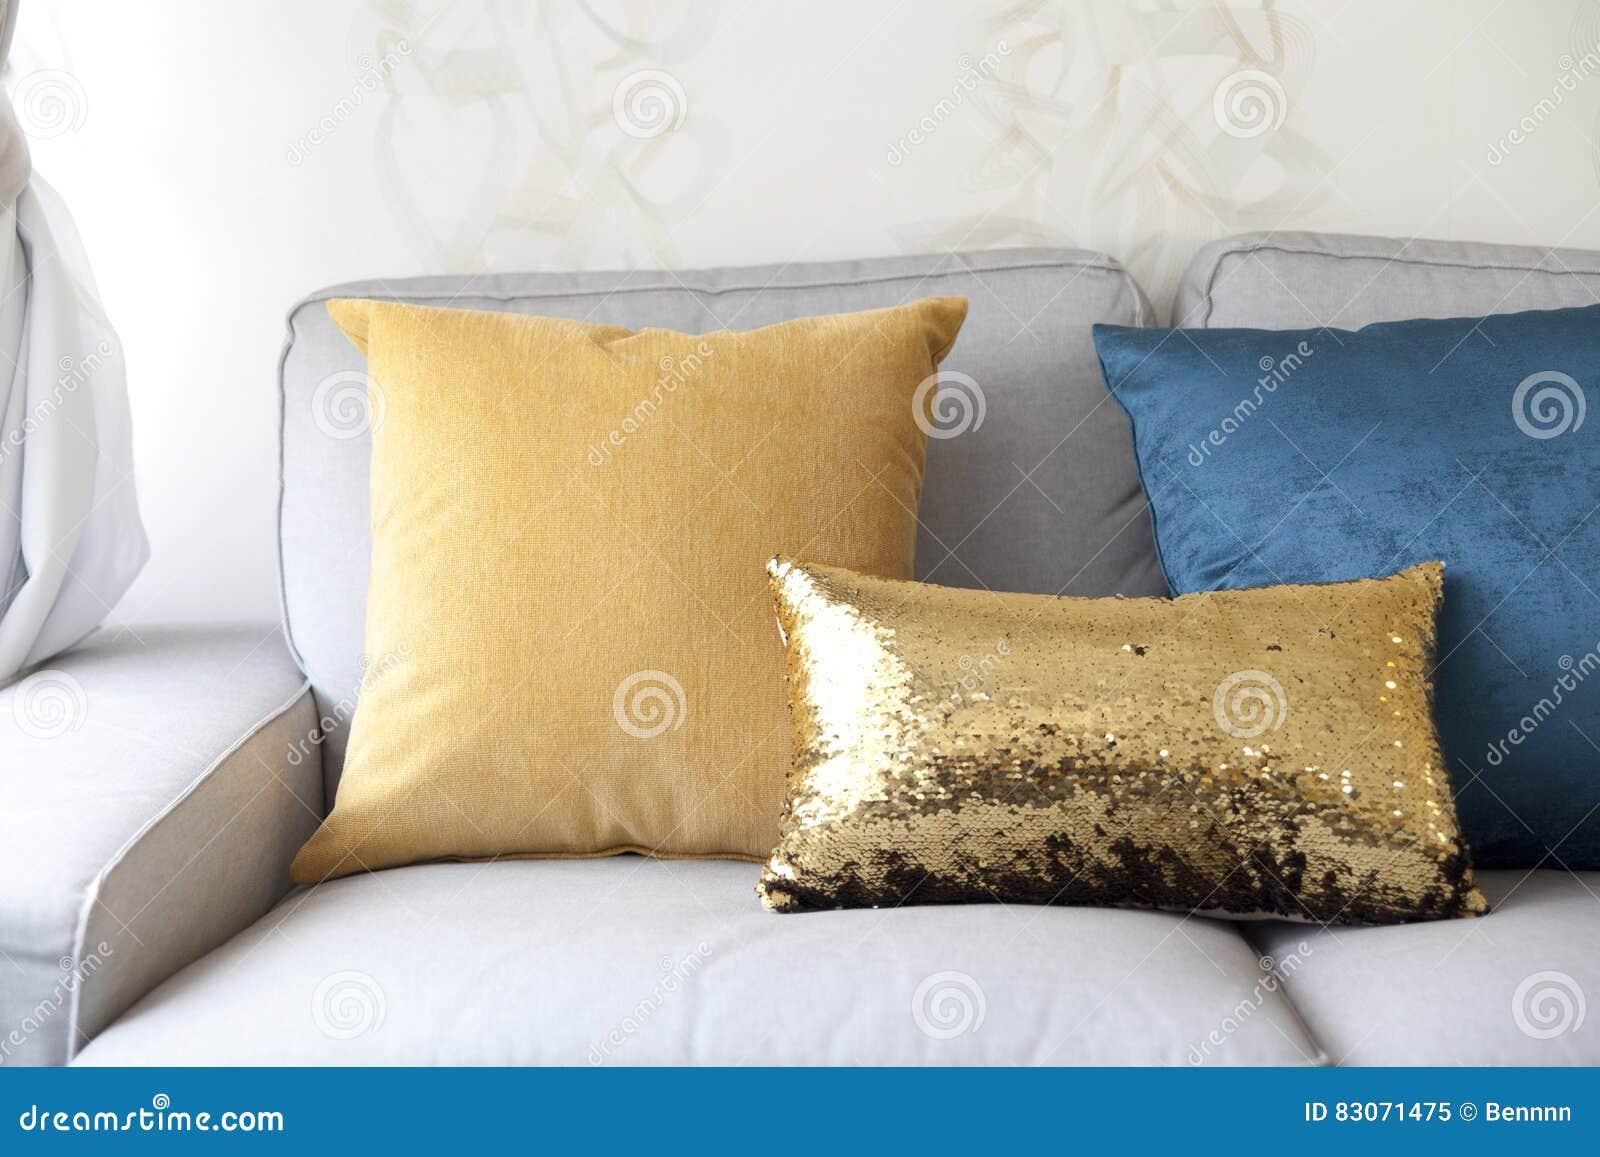 Fußboden Modern ~ Sofa und buntes kissen stockbild bild von fußboden modern